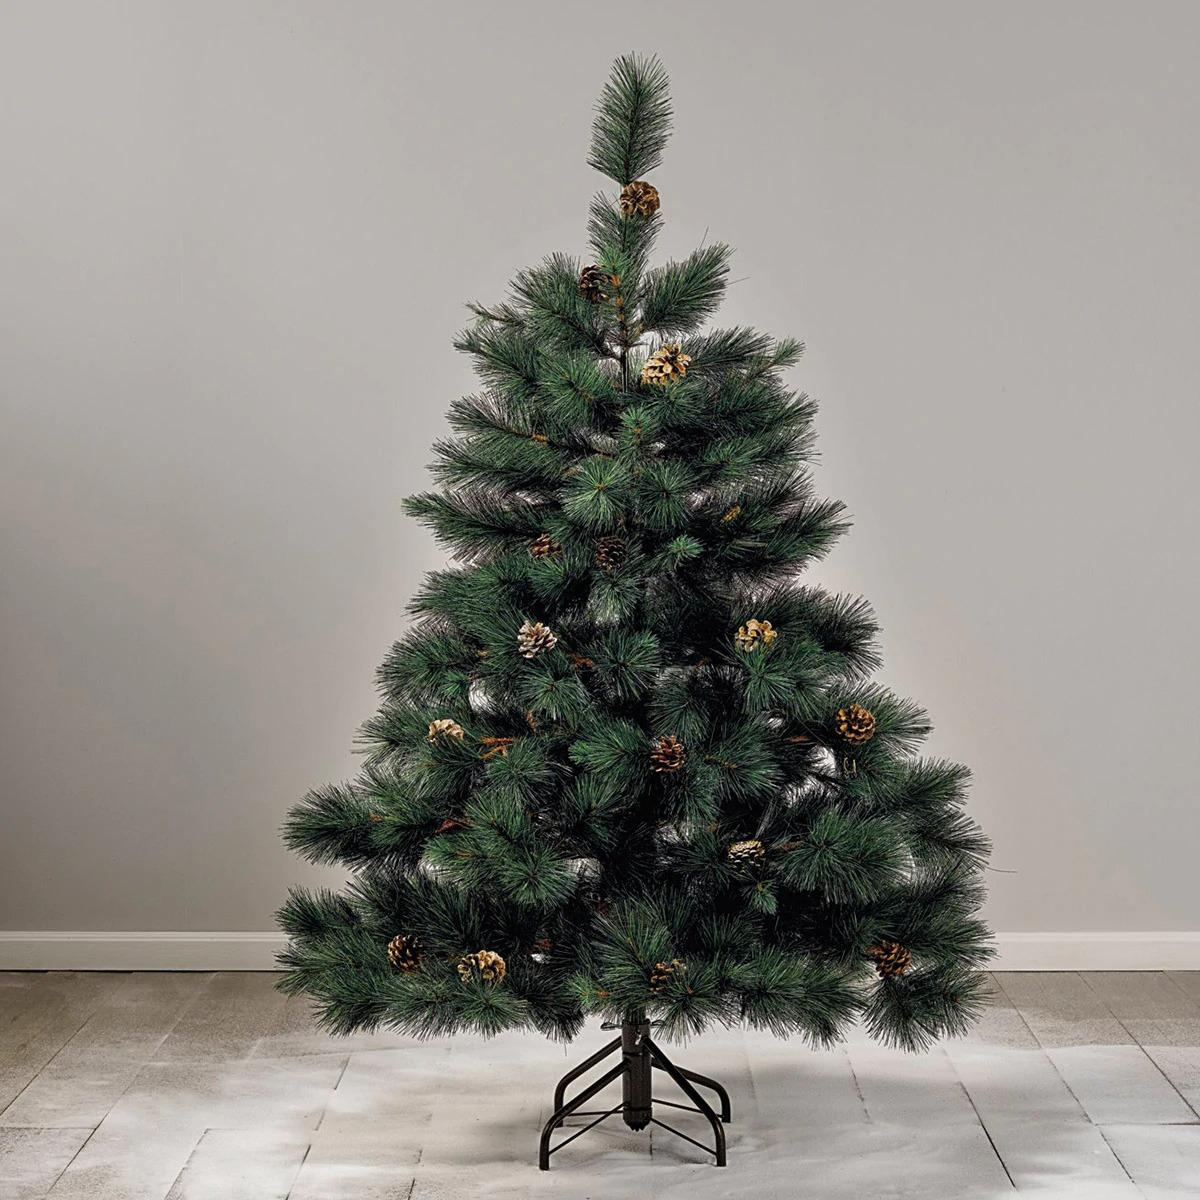 Árbol Sestriere con piñas decorativas Navidad